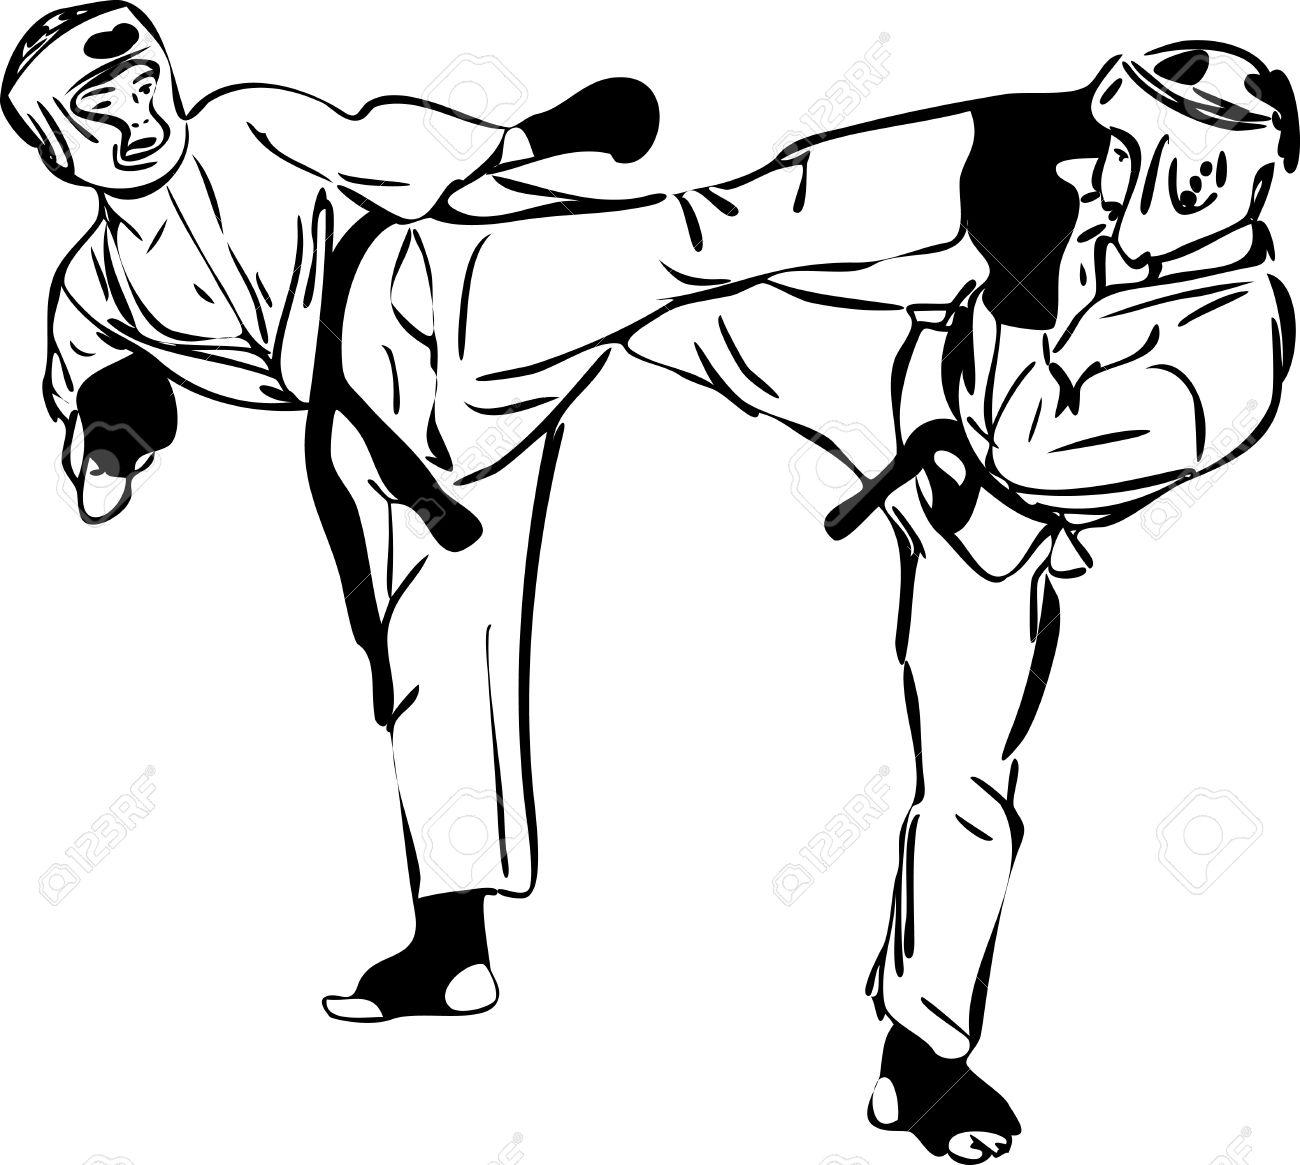 Karate Kyokushinkai Martial Arts Sports Royalty Free Cliparts ...